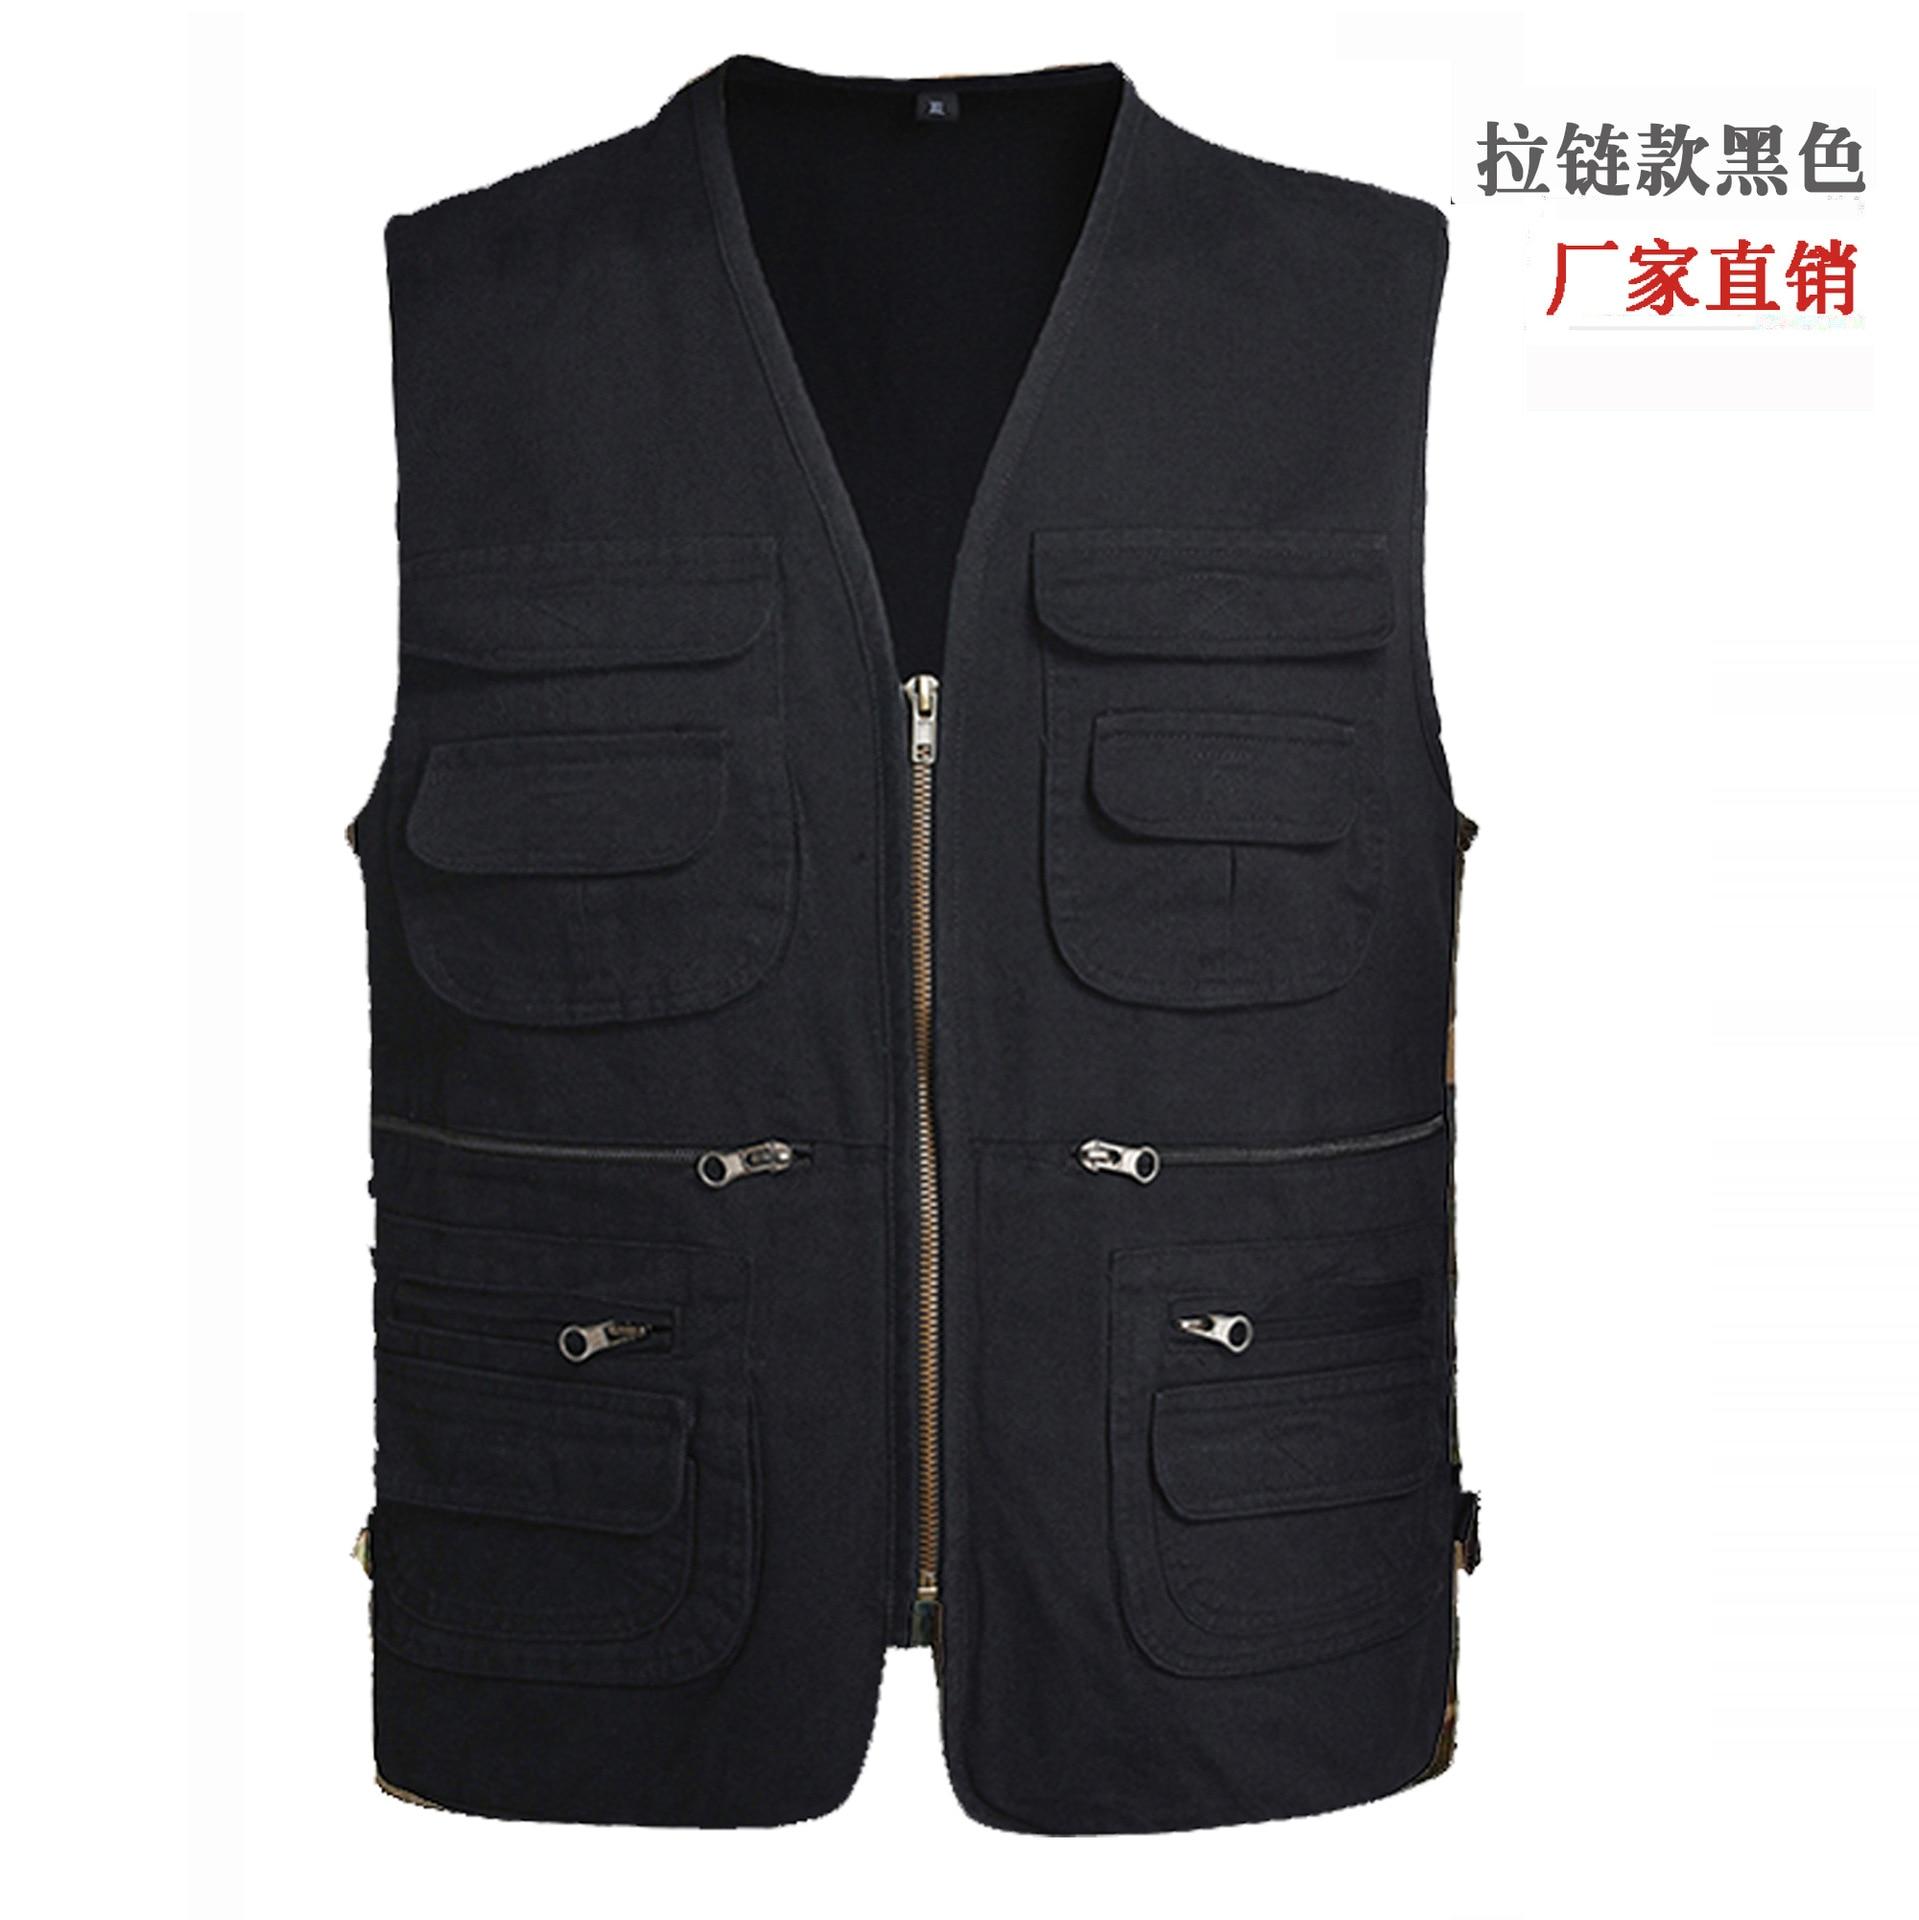 2020 Men's Spring Multi-pockets Pure Cotton Vest Casual V-neck Cotton Cloth Vest